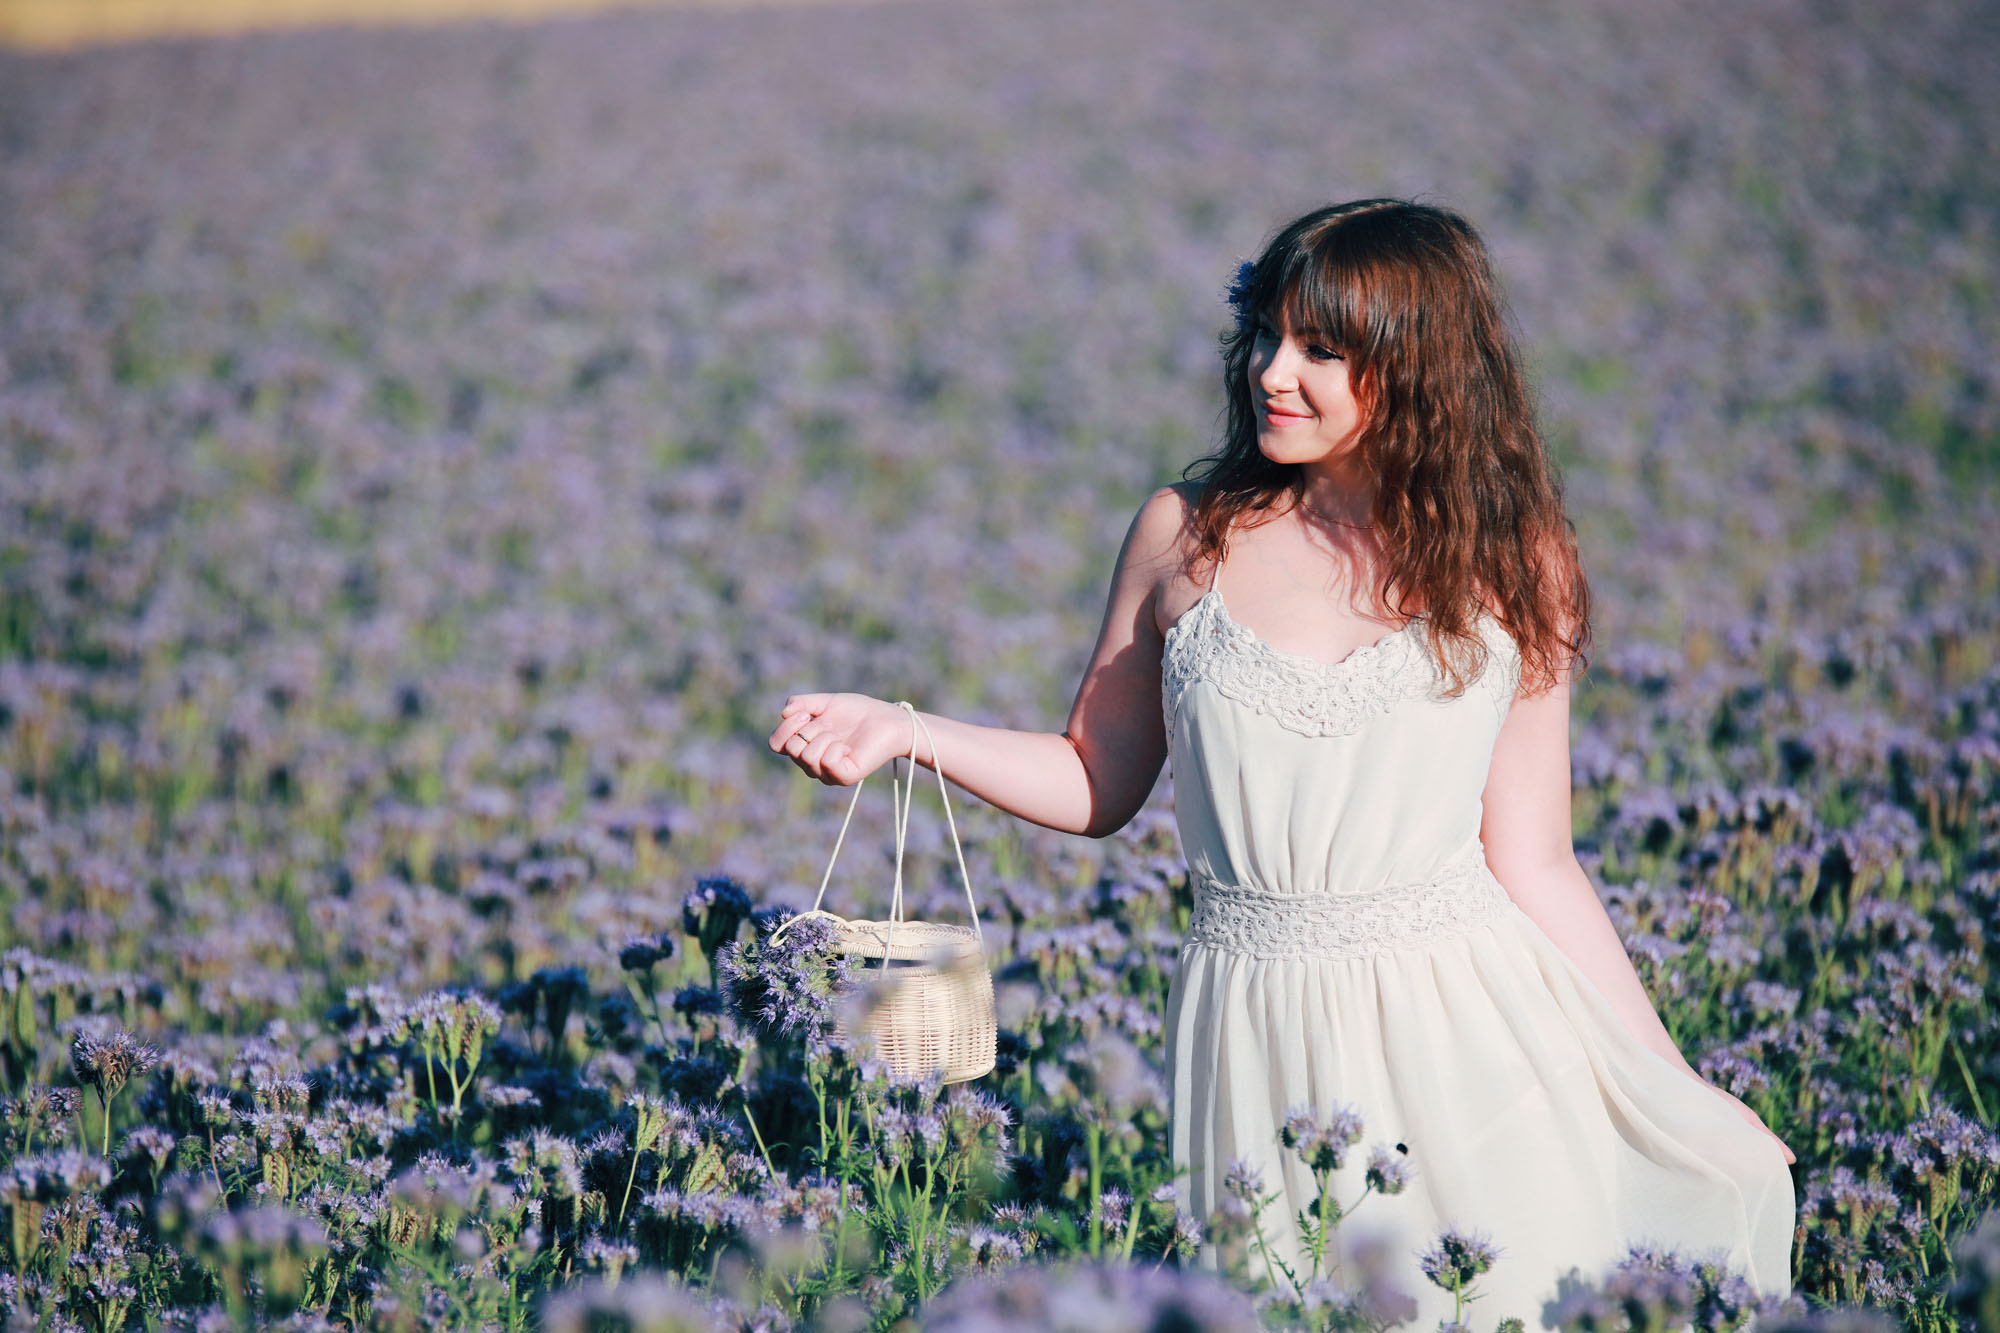 Modeblog-Style by An-Romantischer Sommerlook mitten im Blumenmeer